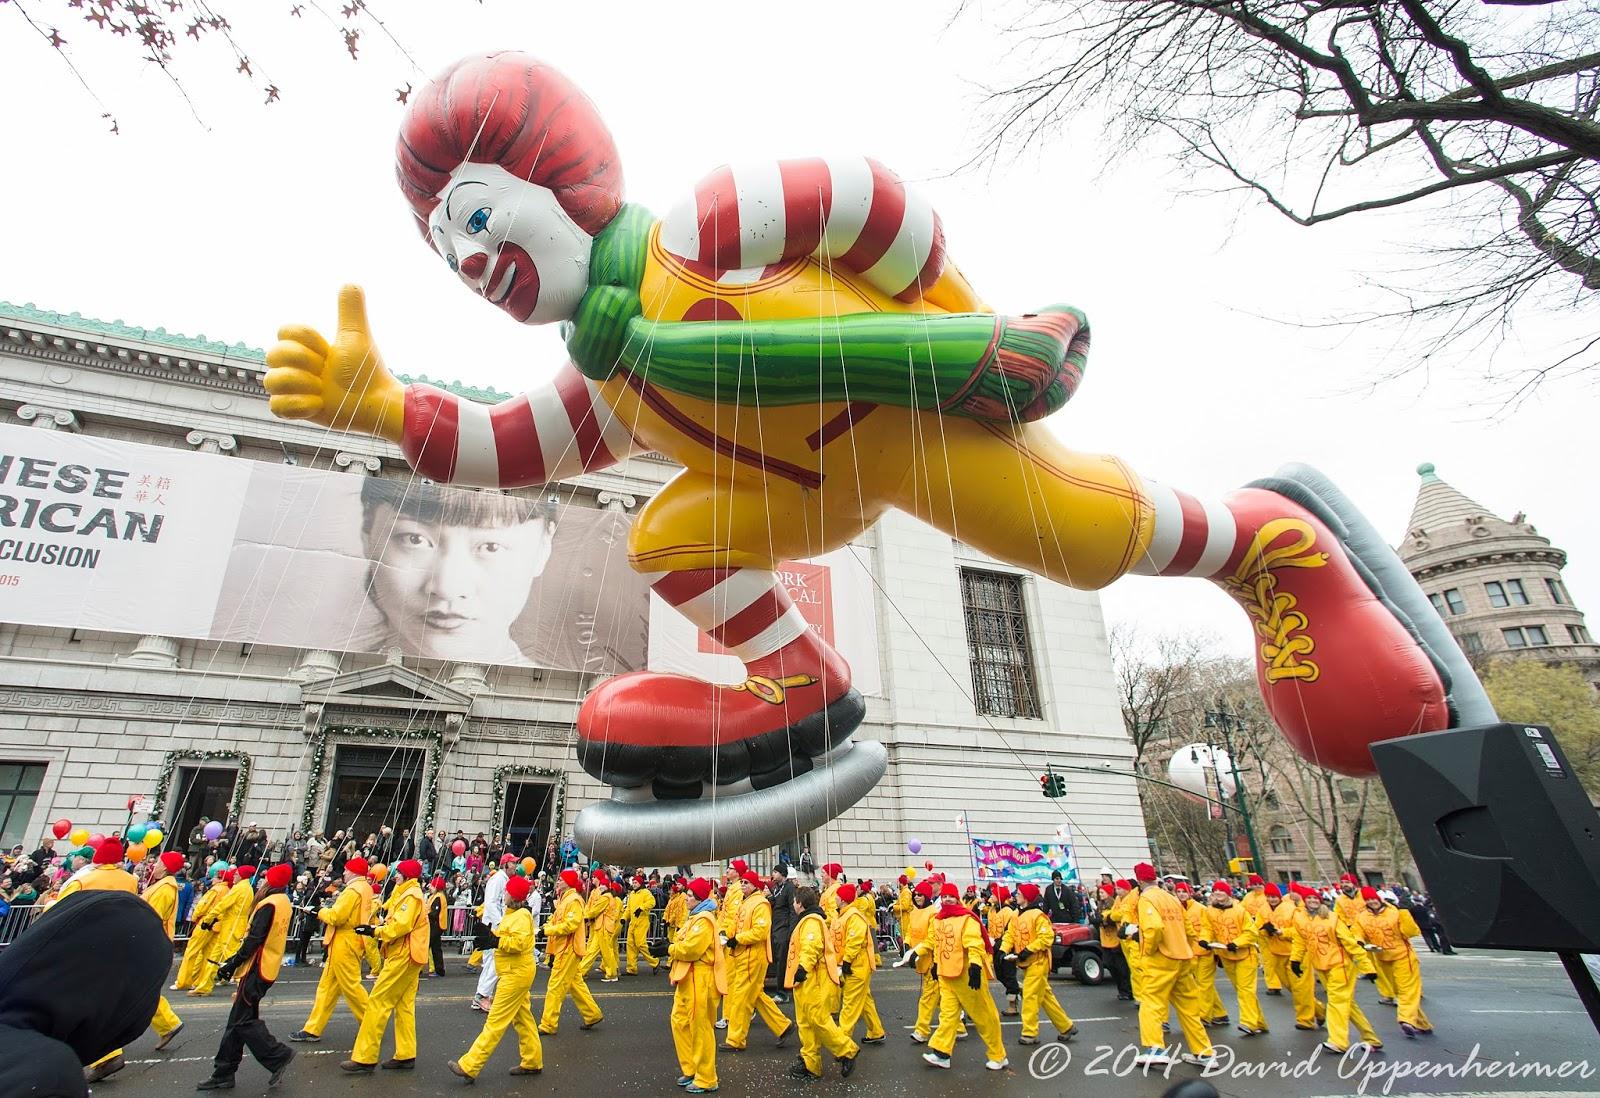 Ronald McDonald by McDonald's